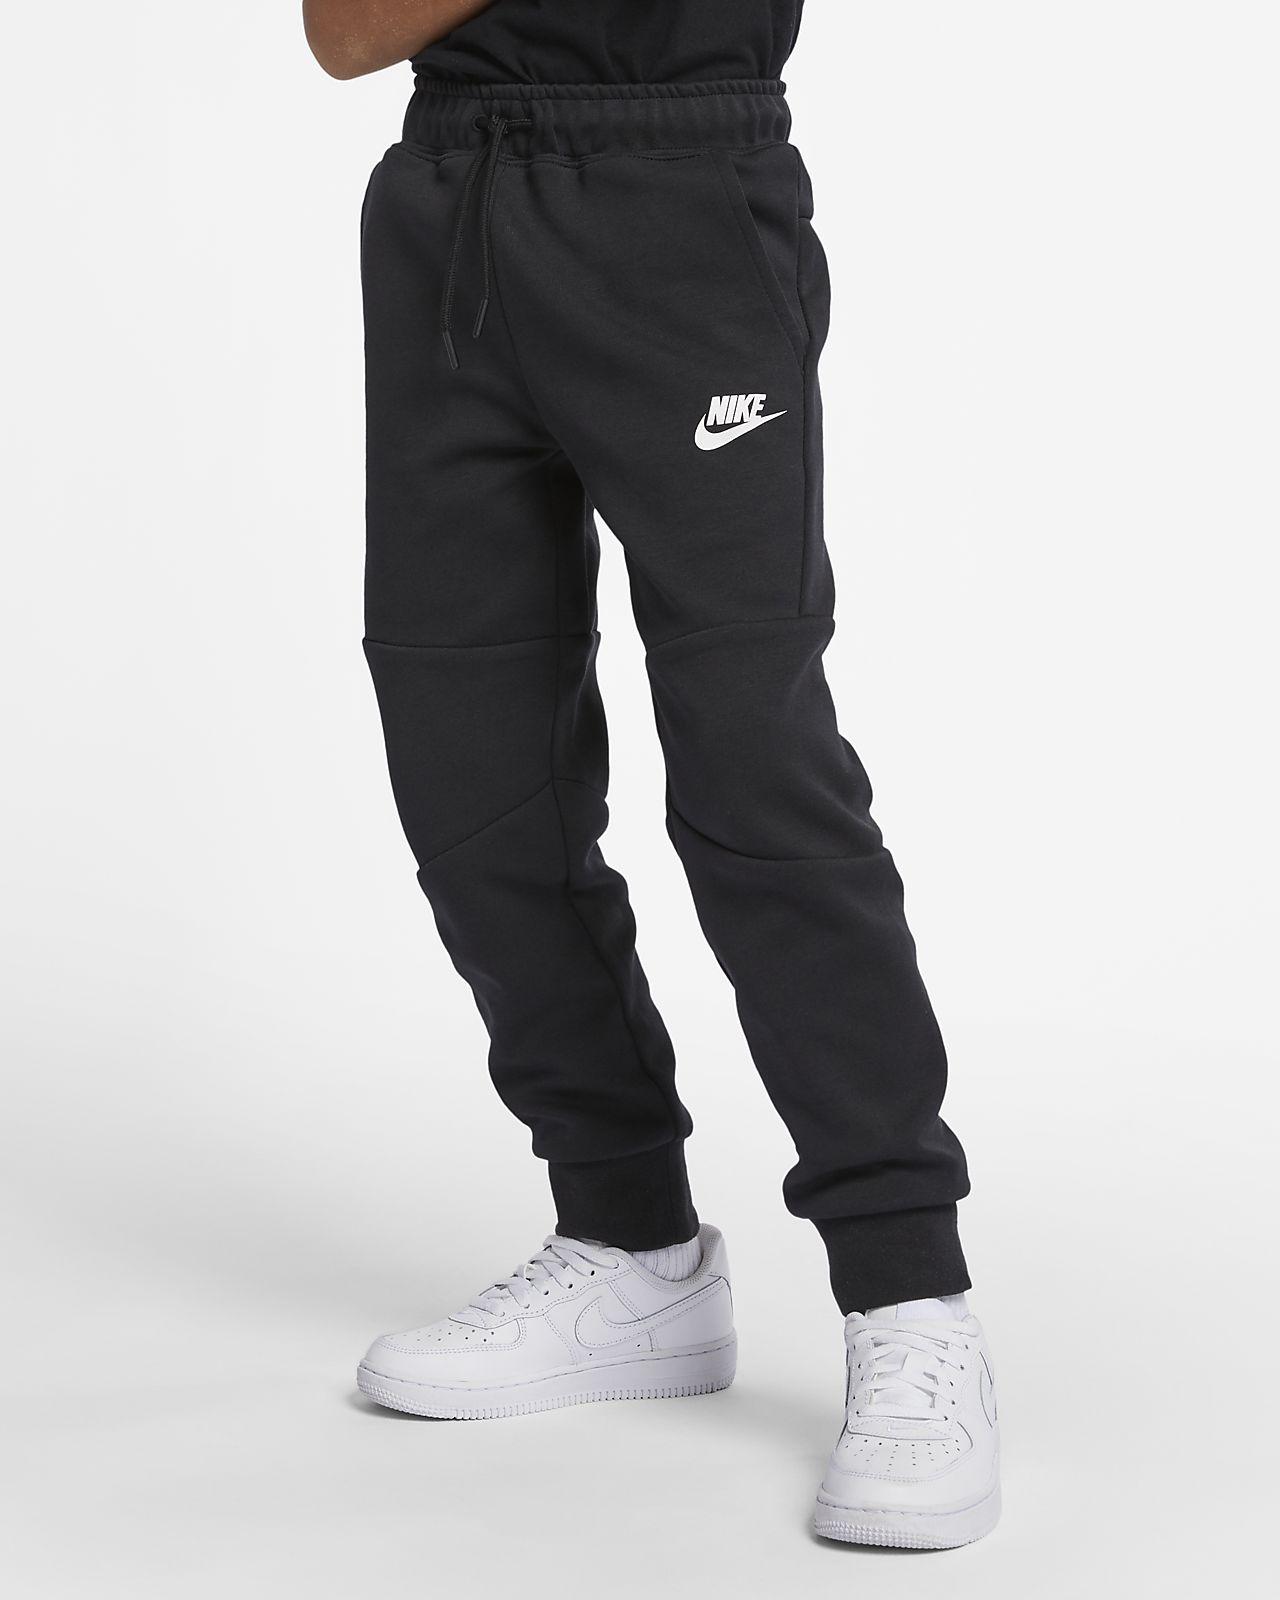 buena textura comprar genuino venta caliente real Nike Tech Fleece Pantalón - Niño/a pequeño/a